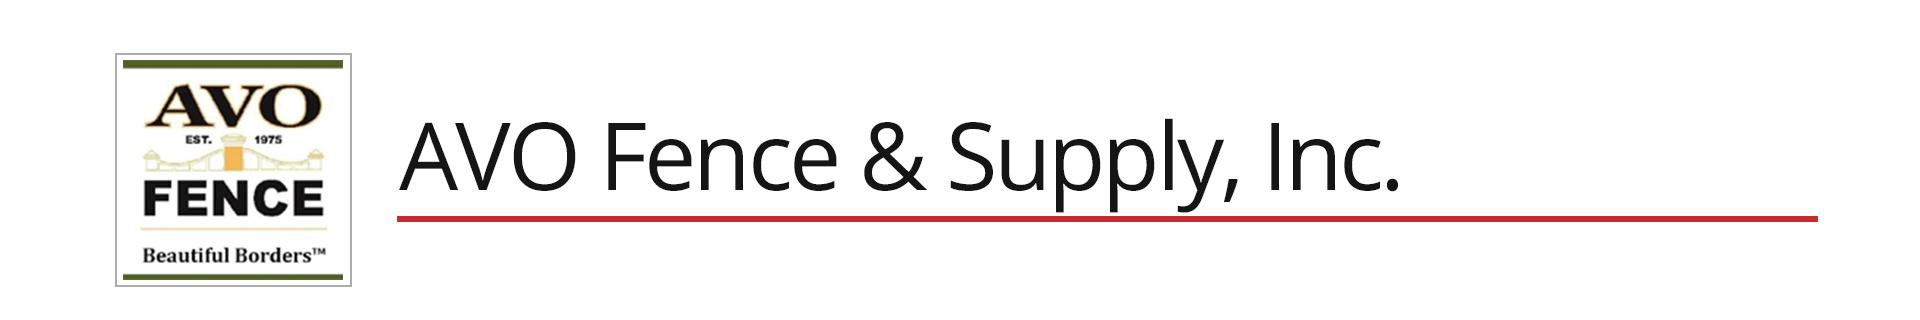 AVO-Fence-&-Supply-Inc._CADBlock-Header.jpg